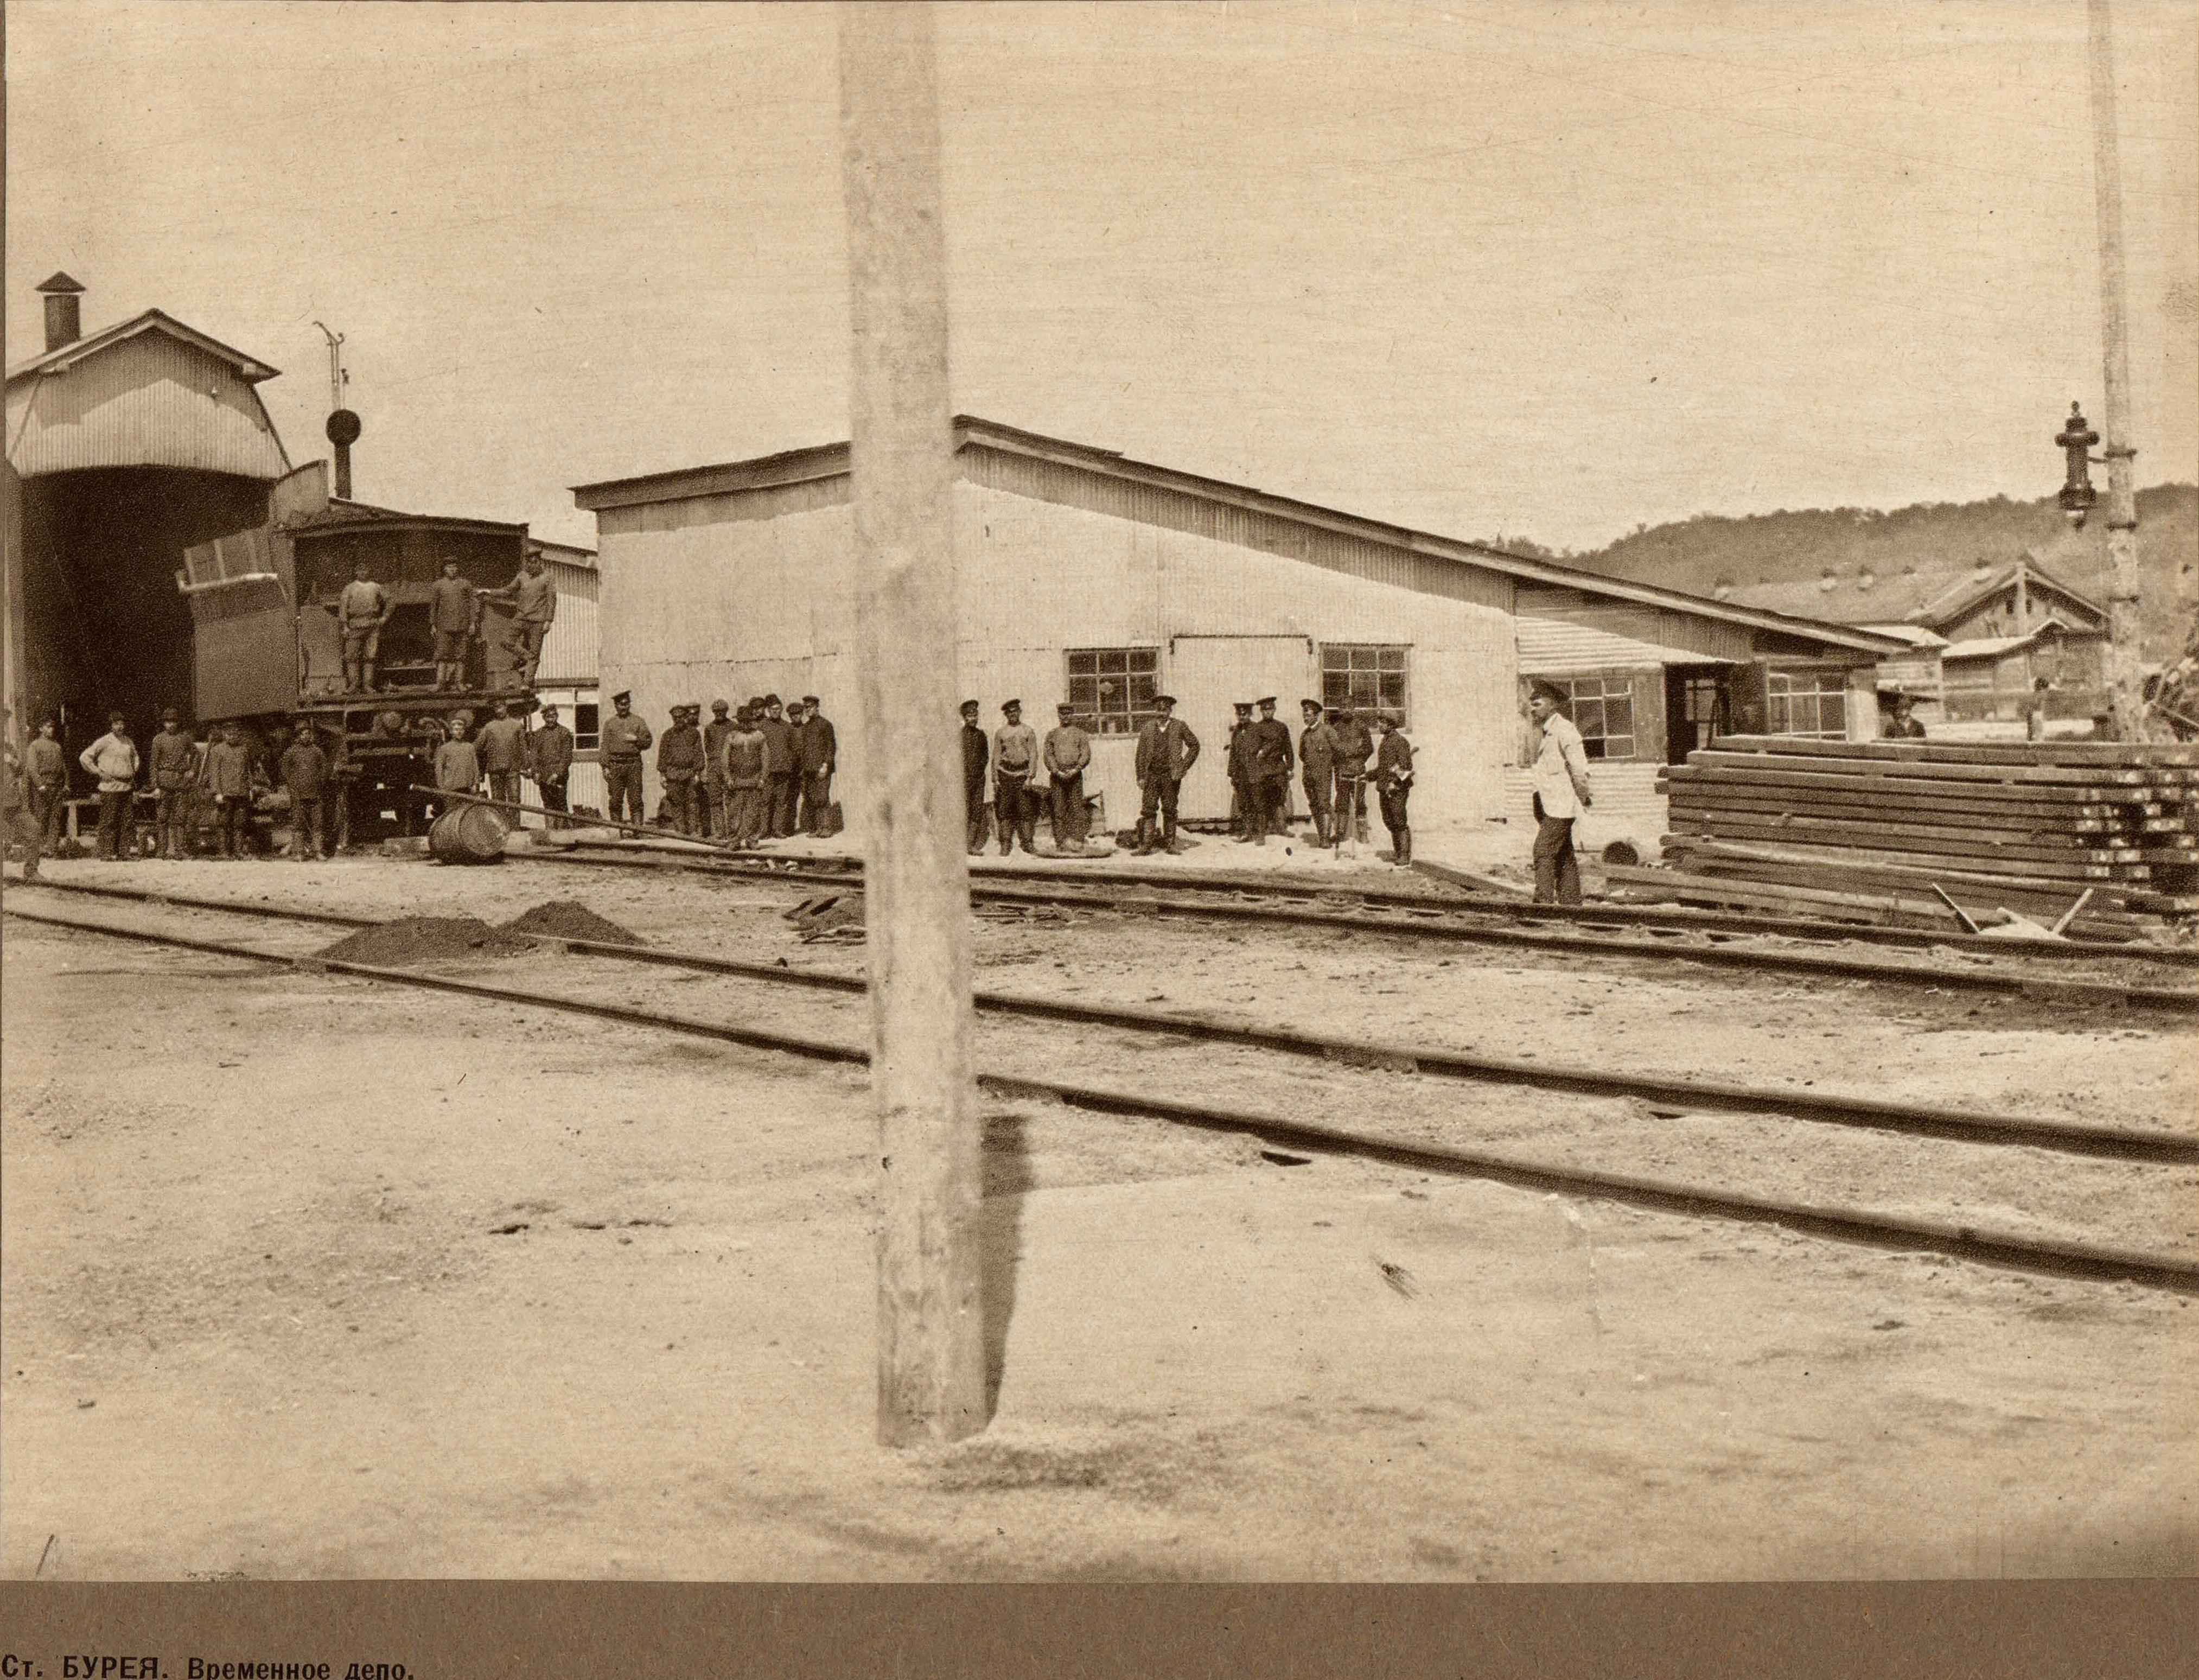 633 верста. Станция Бурея. Временное депо